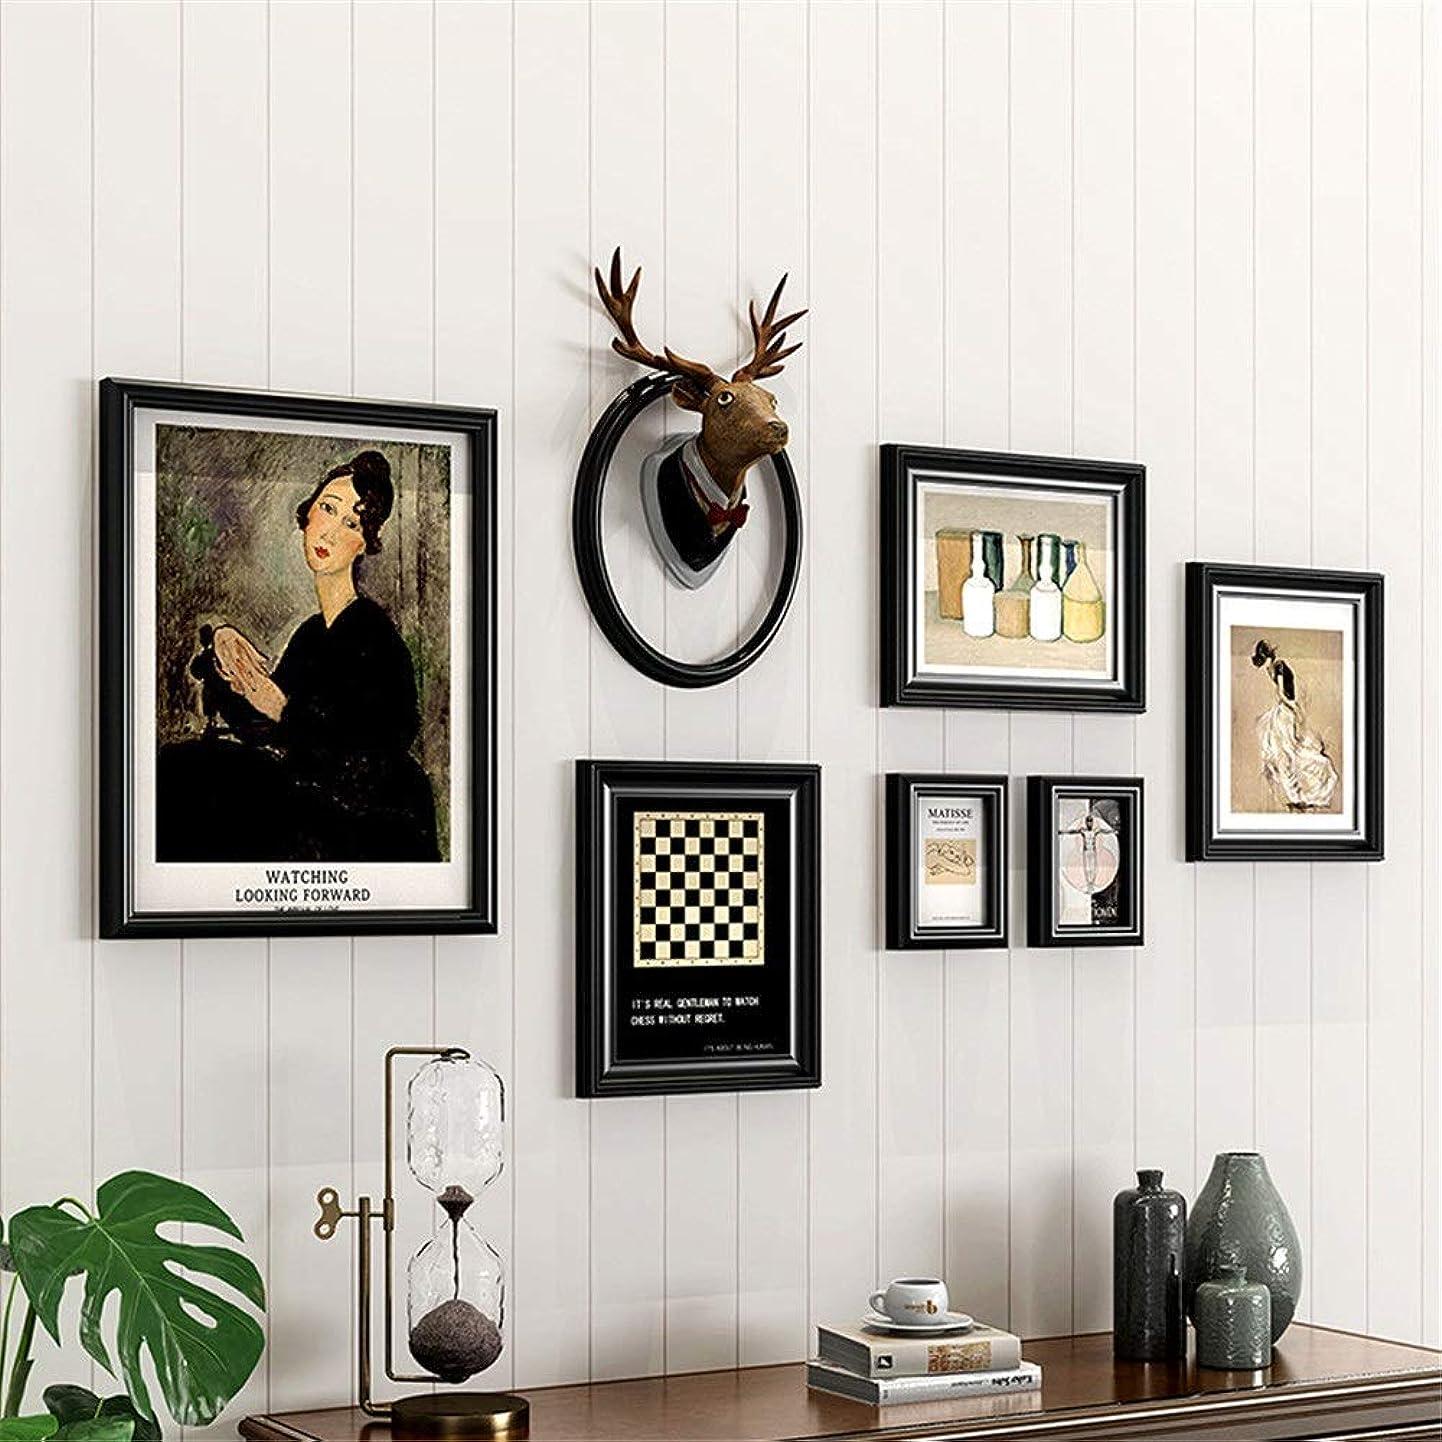 落ち着いた人気の資源フォトフレームウォール ルームフォトアルバムフレームダイニング壁フォトフレームの組み合わせデコレーションクリエイティブ人格レトロソリッドウッド写真壁ヨーロピアンスタイルのリビングルーム 壁掛け 写真フレーム (色 : 04, サイズ : Free size)